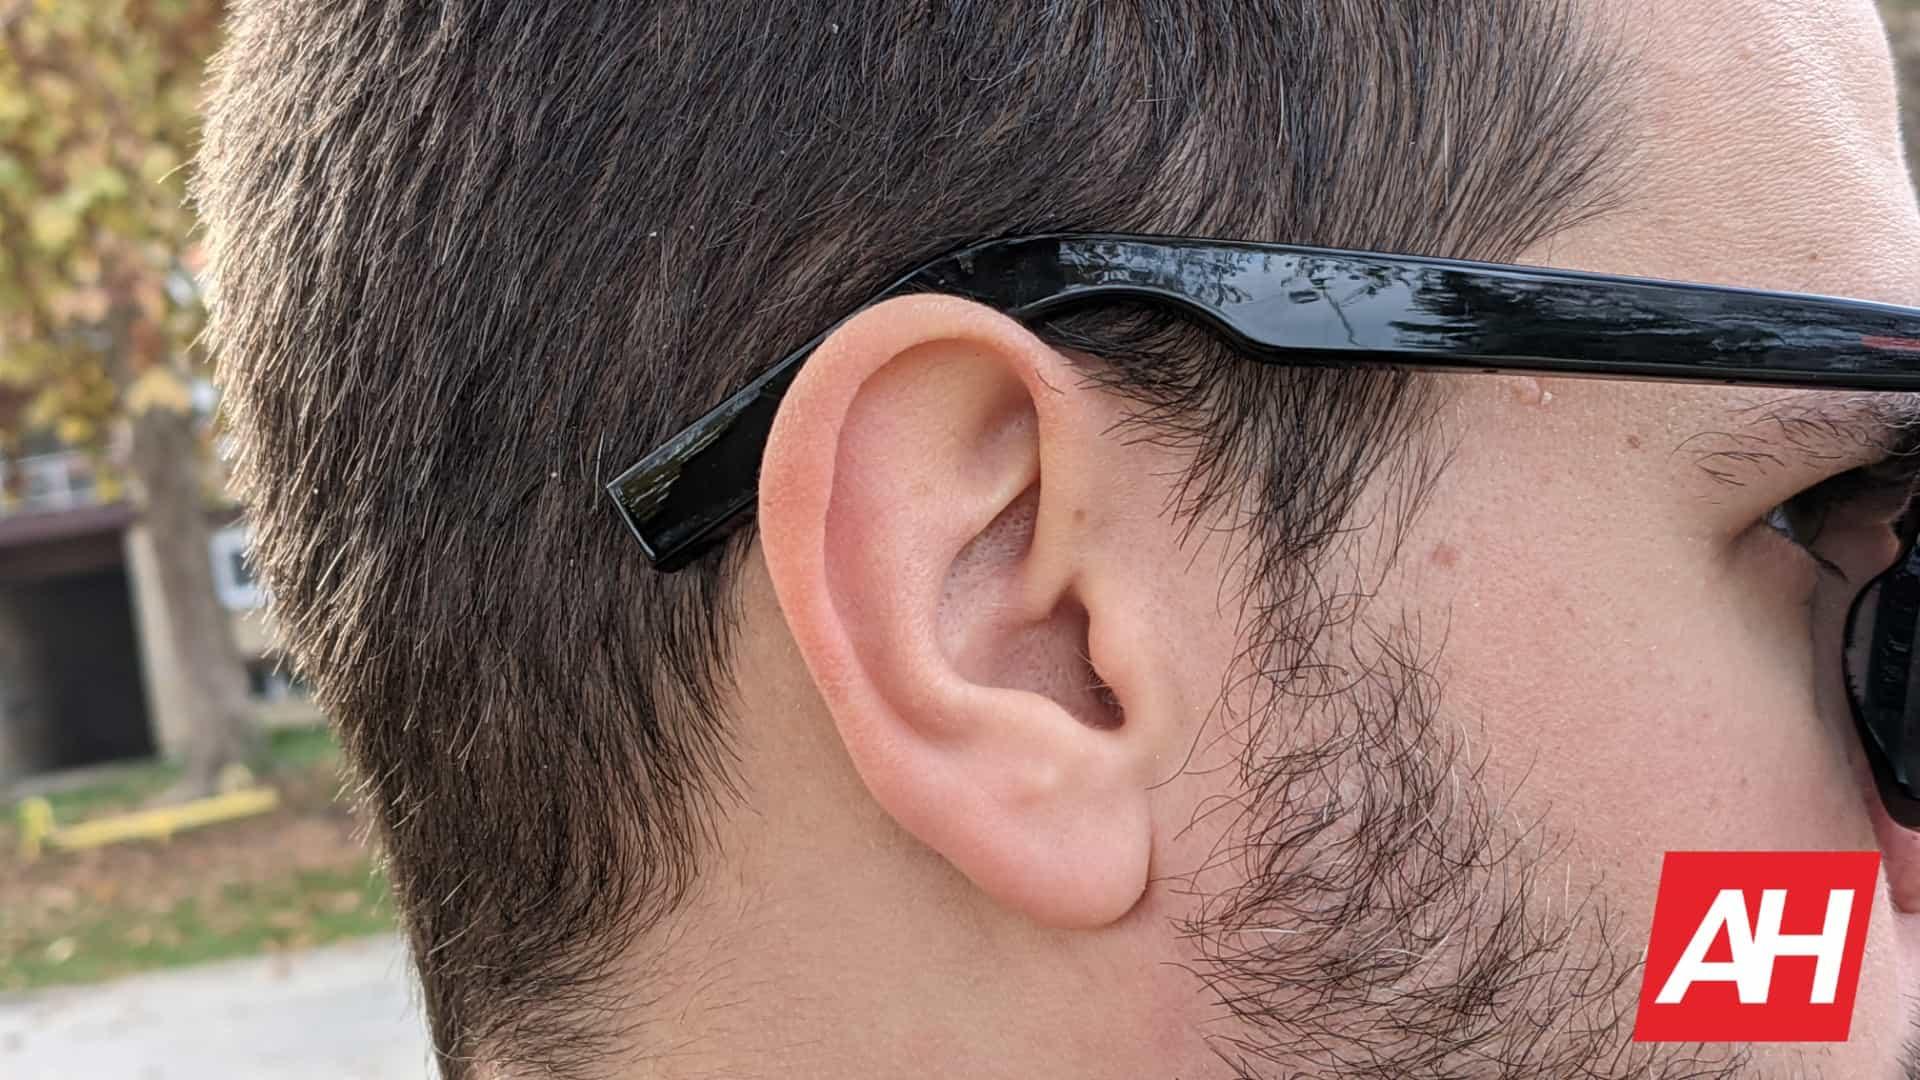 AH Huawei X Gentle Monster Eyewear II image 30